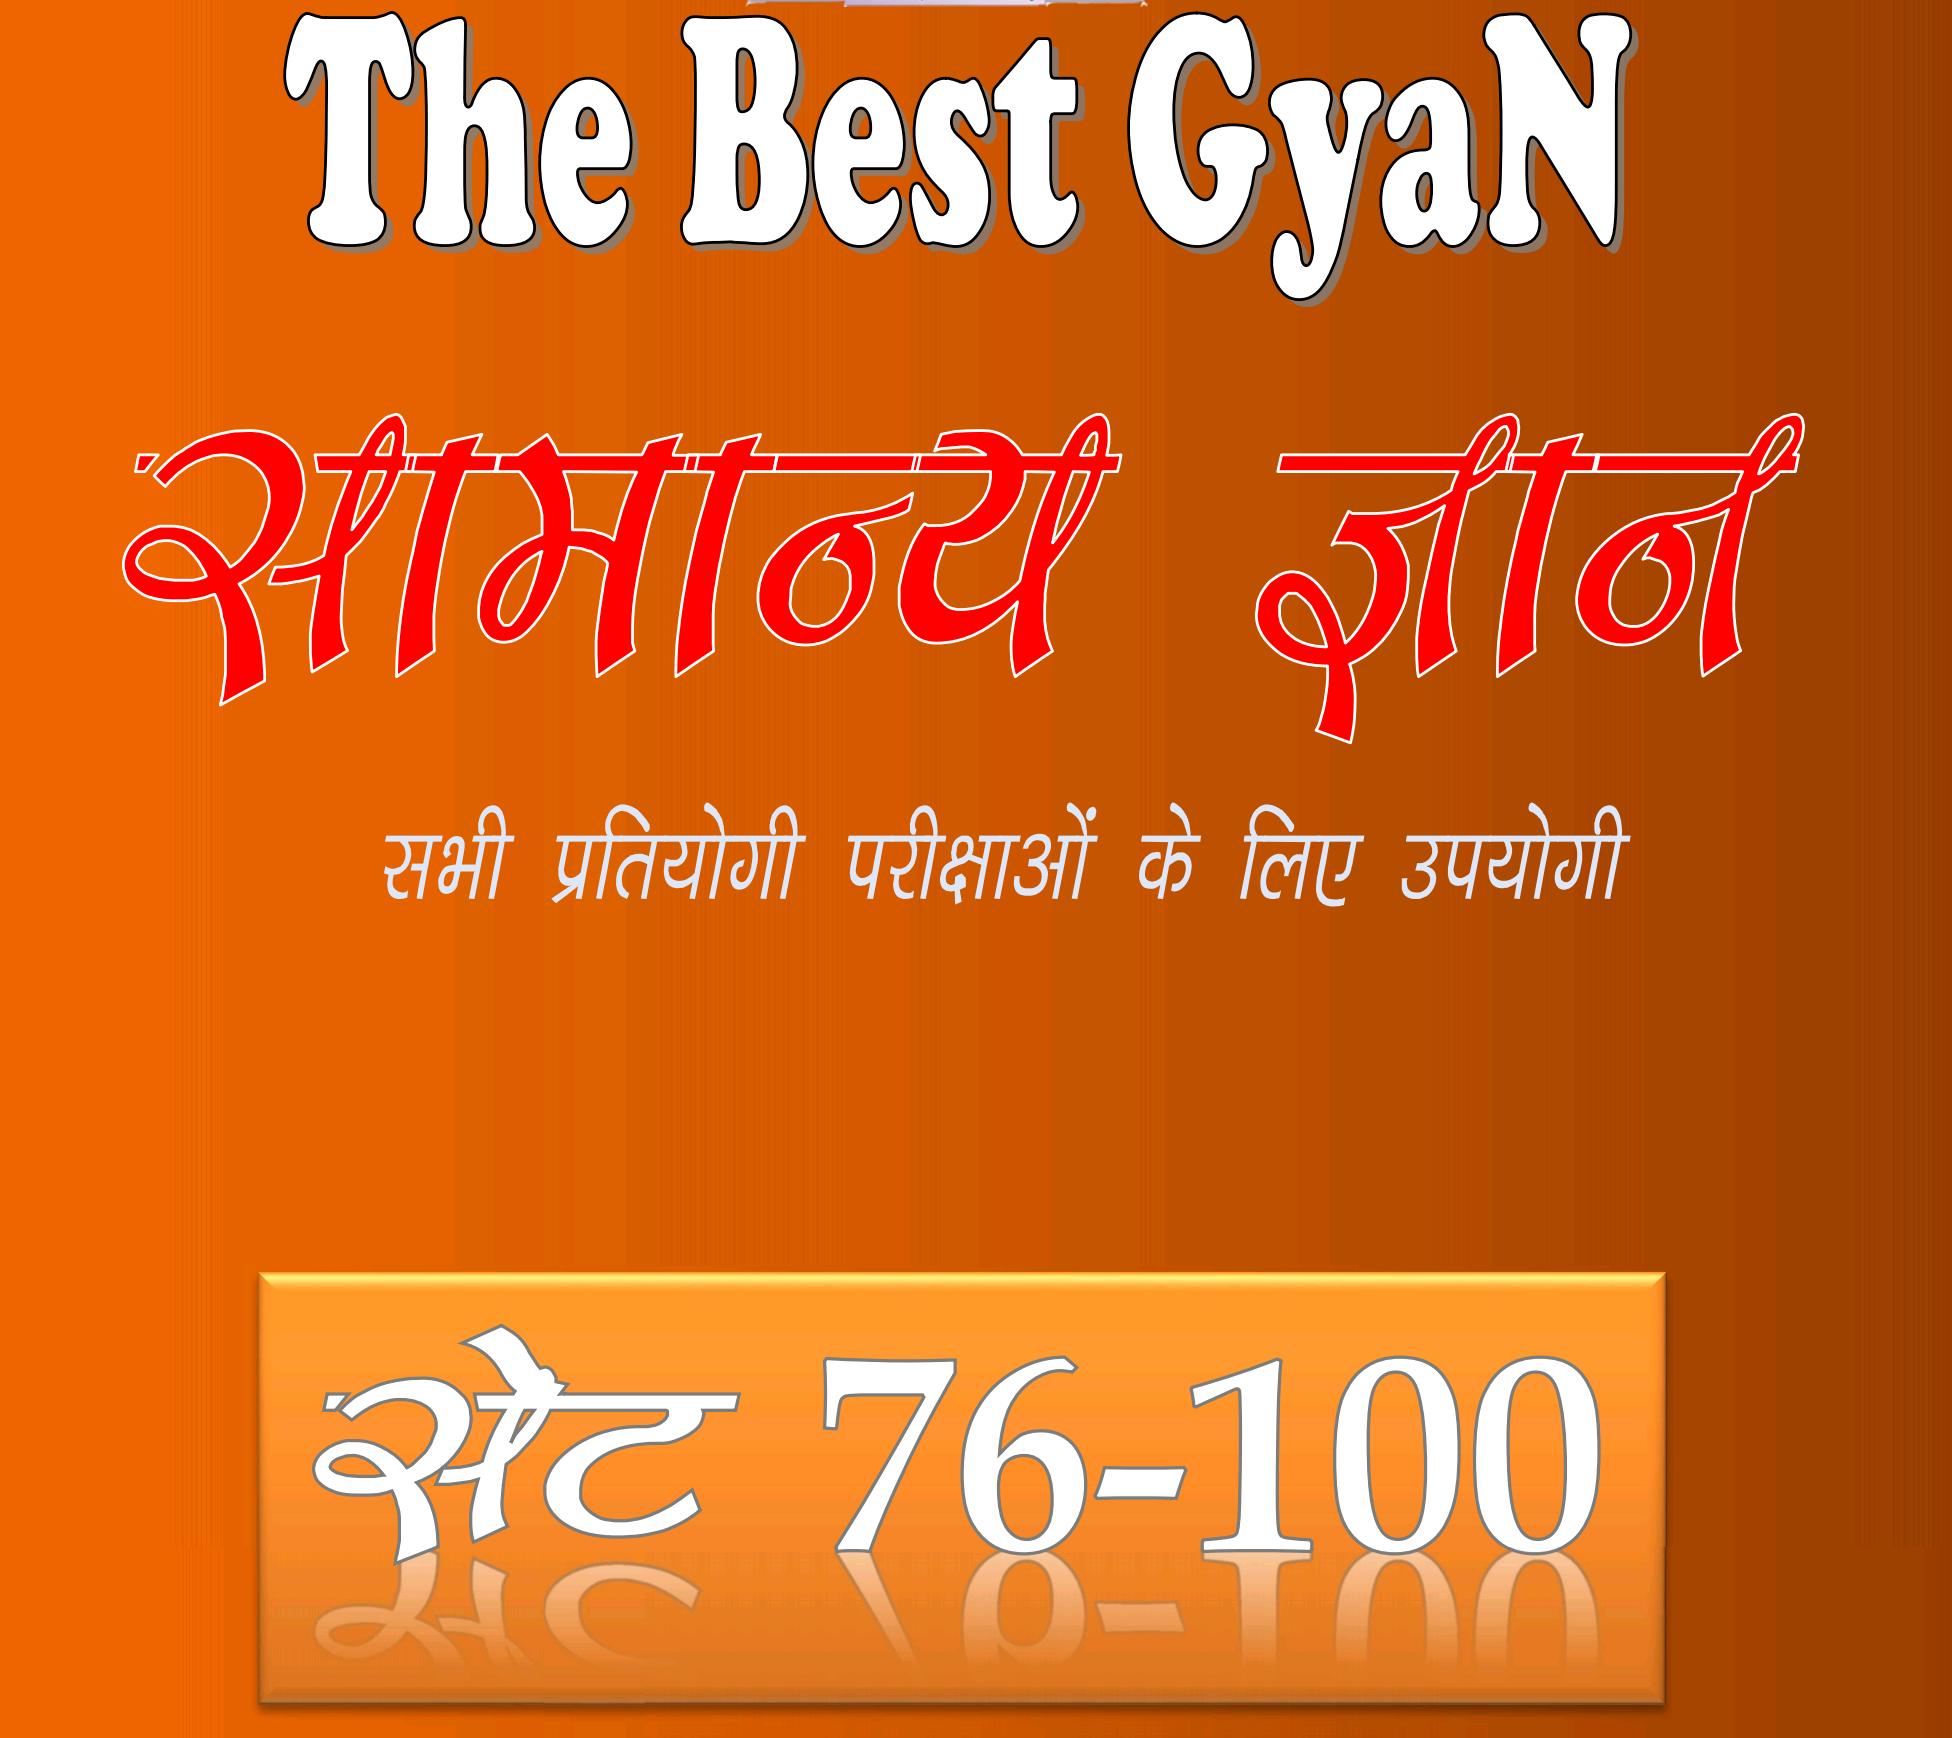 76-100 thebestgyan pdf